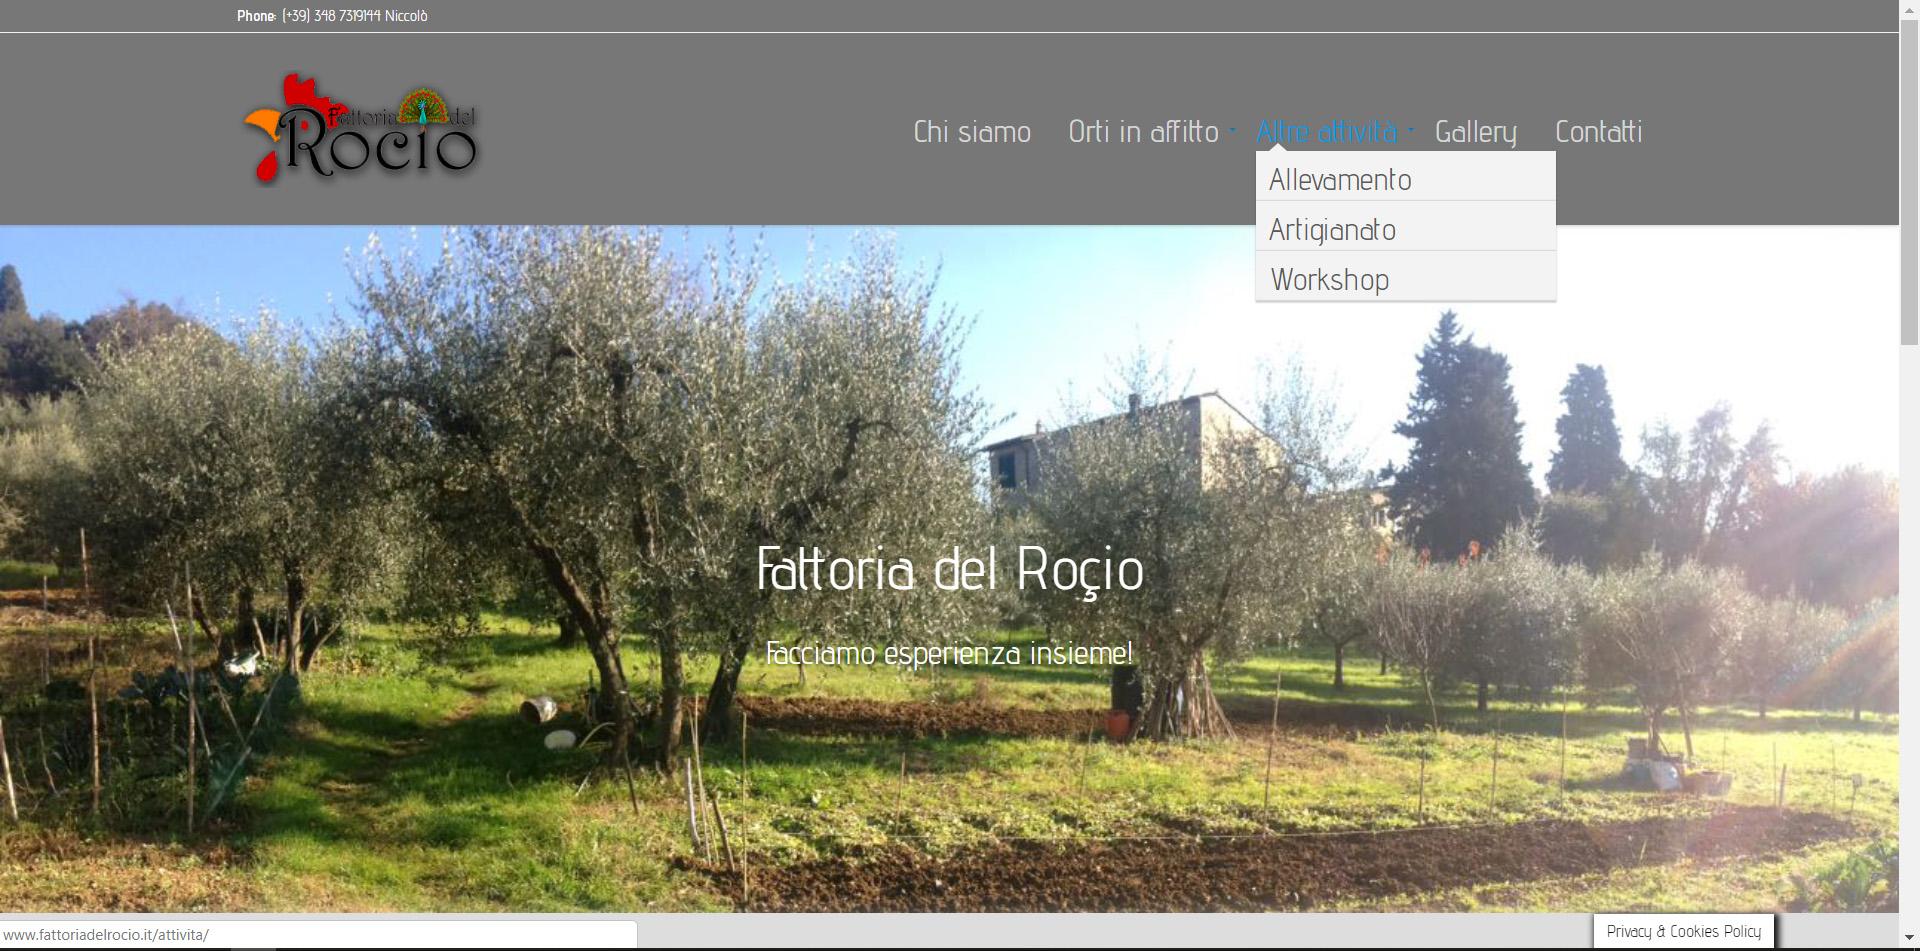 Fattoria del Rocio, orti in affitto, orti urbani, Niccolò Robucci